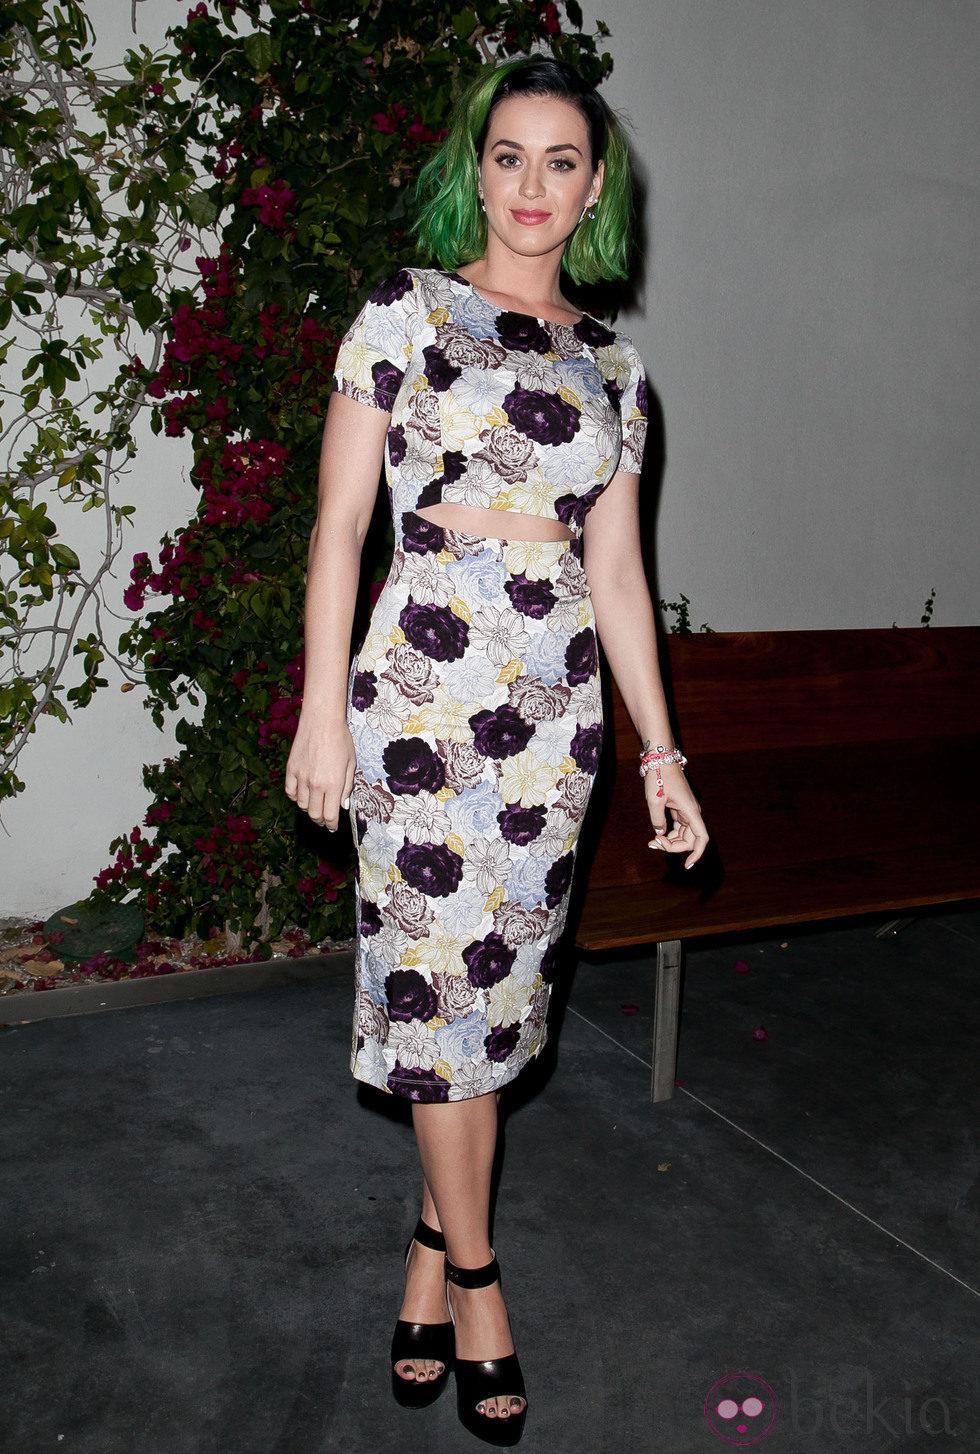 Katy Perry con la melena teñida de verde